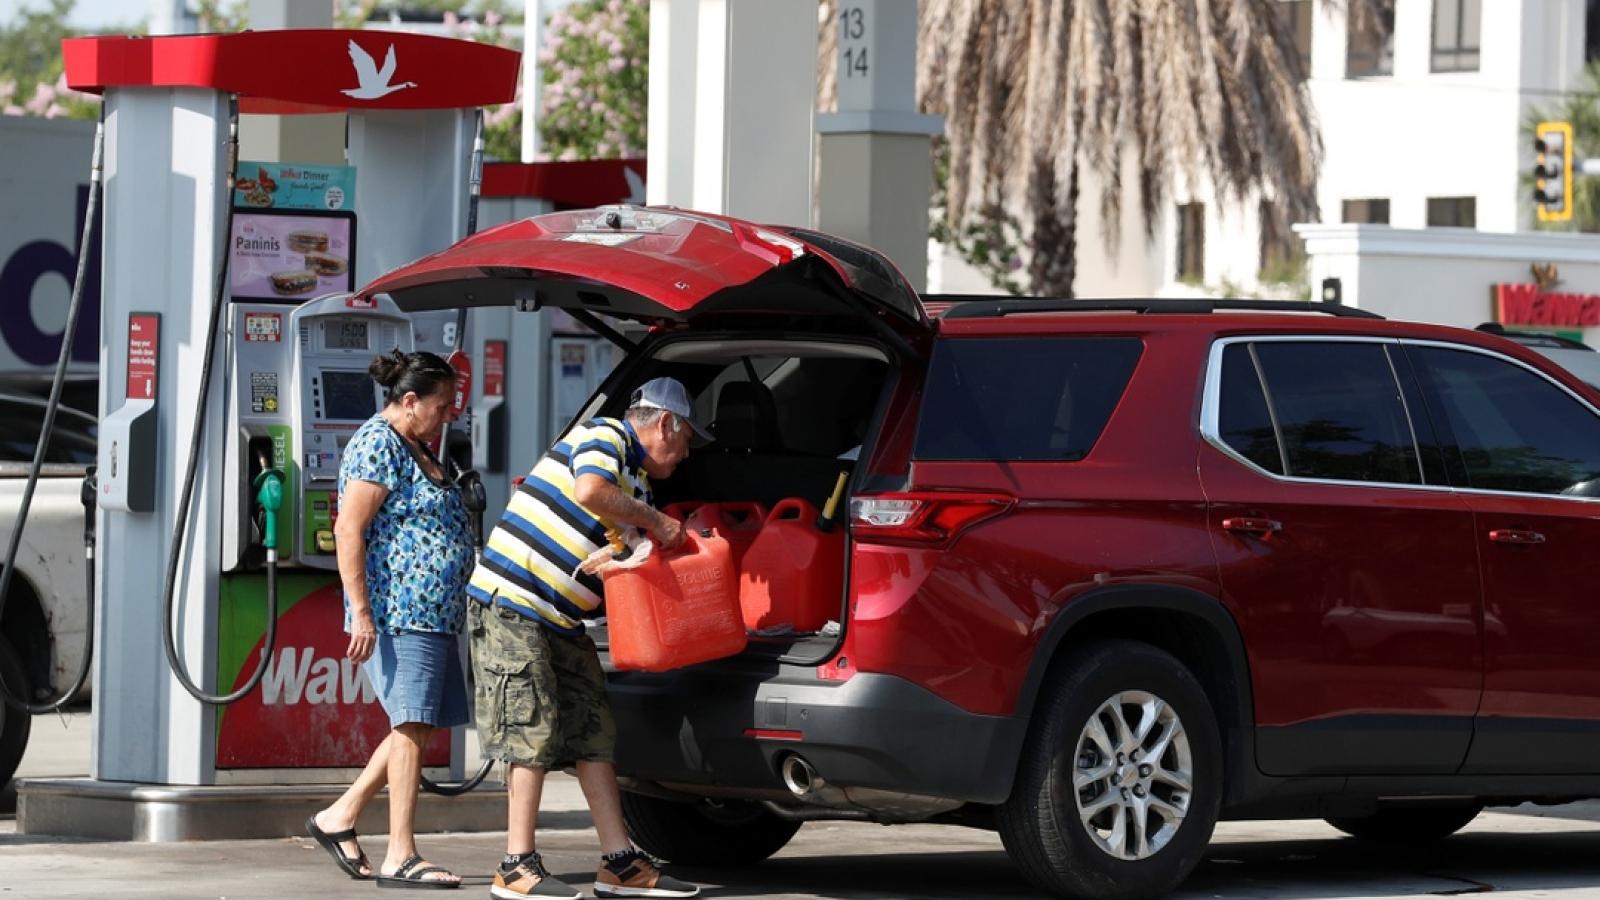 Tình trạng thiếu xăng dầu tại Mỹ có thể kéo dài vài ngày tới